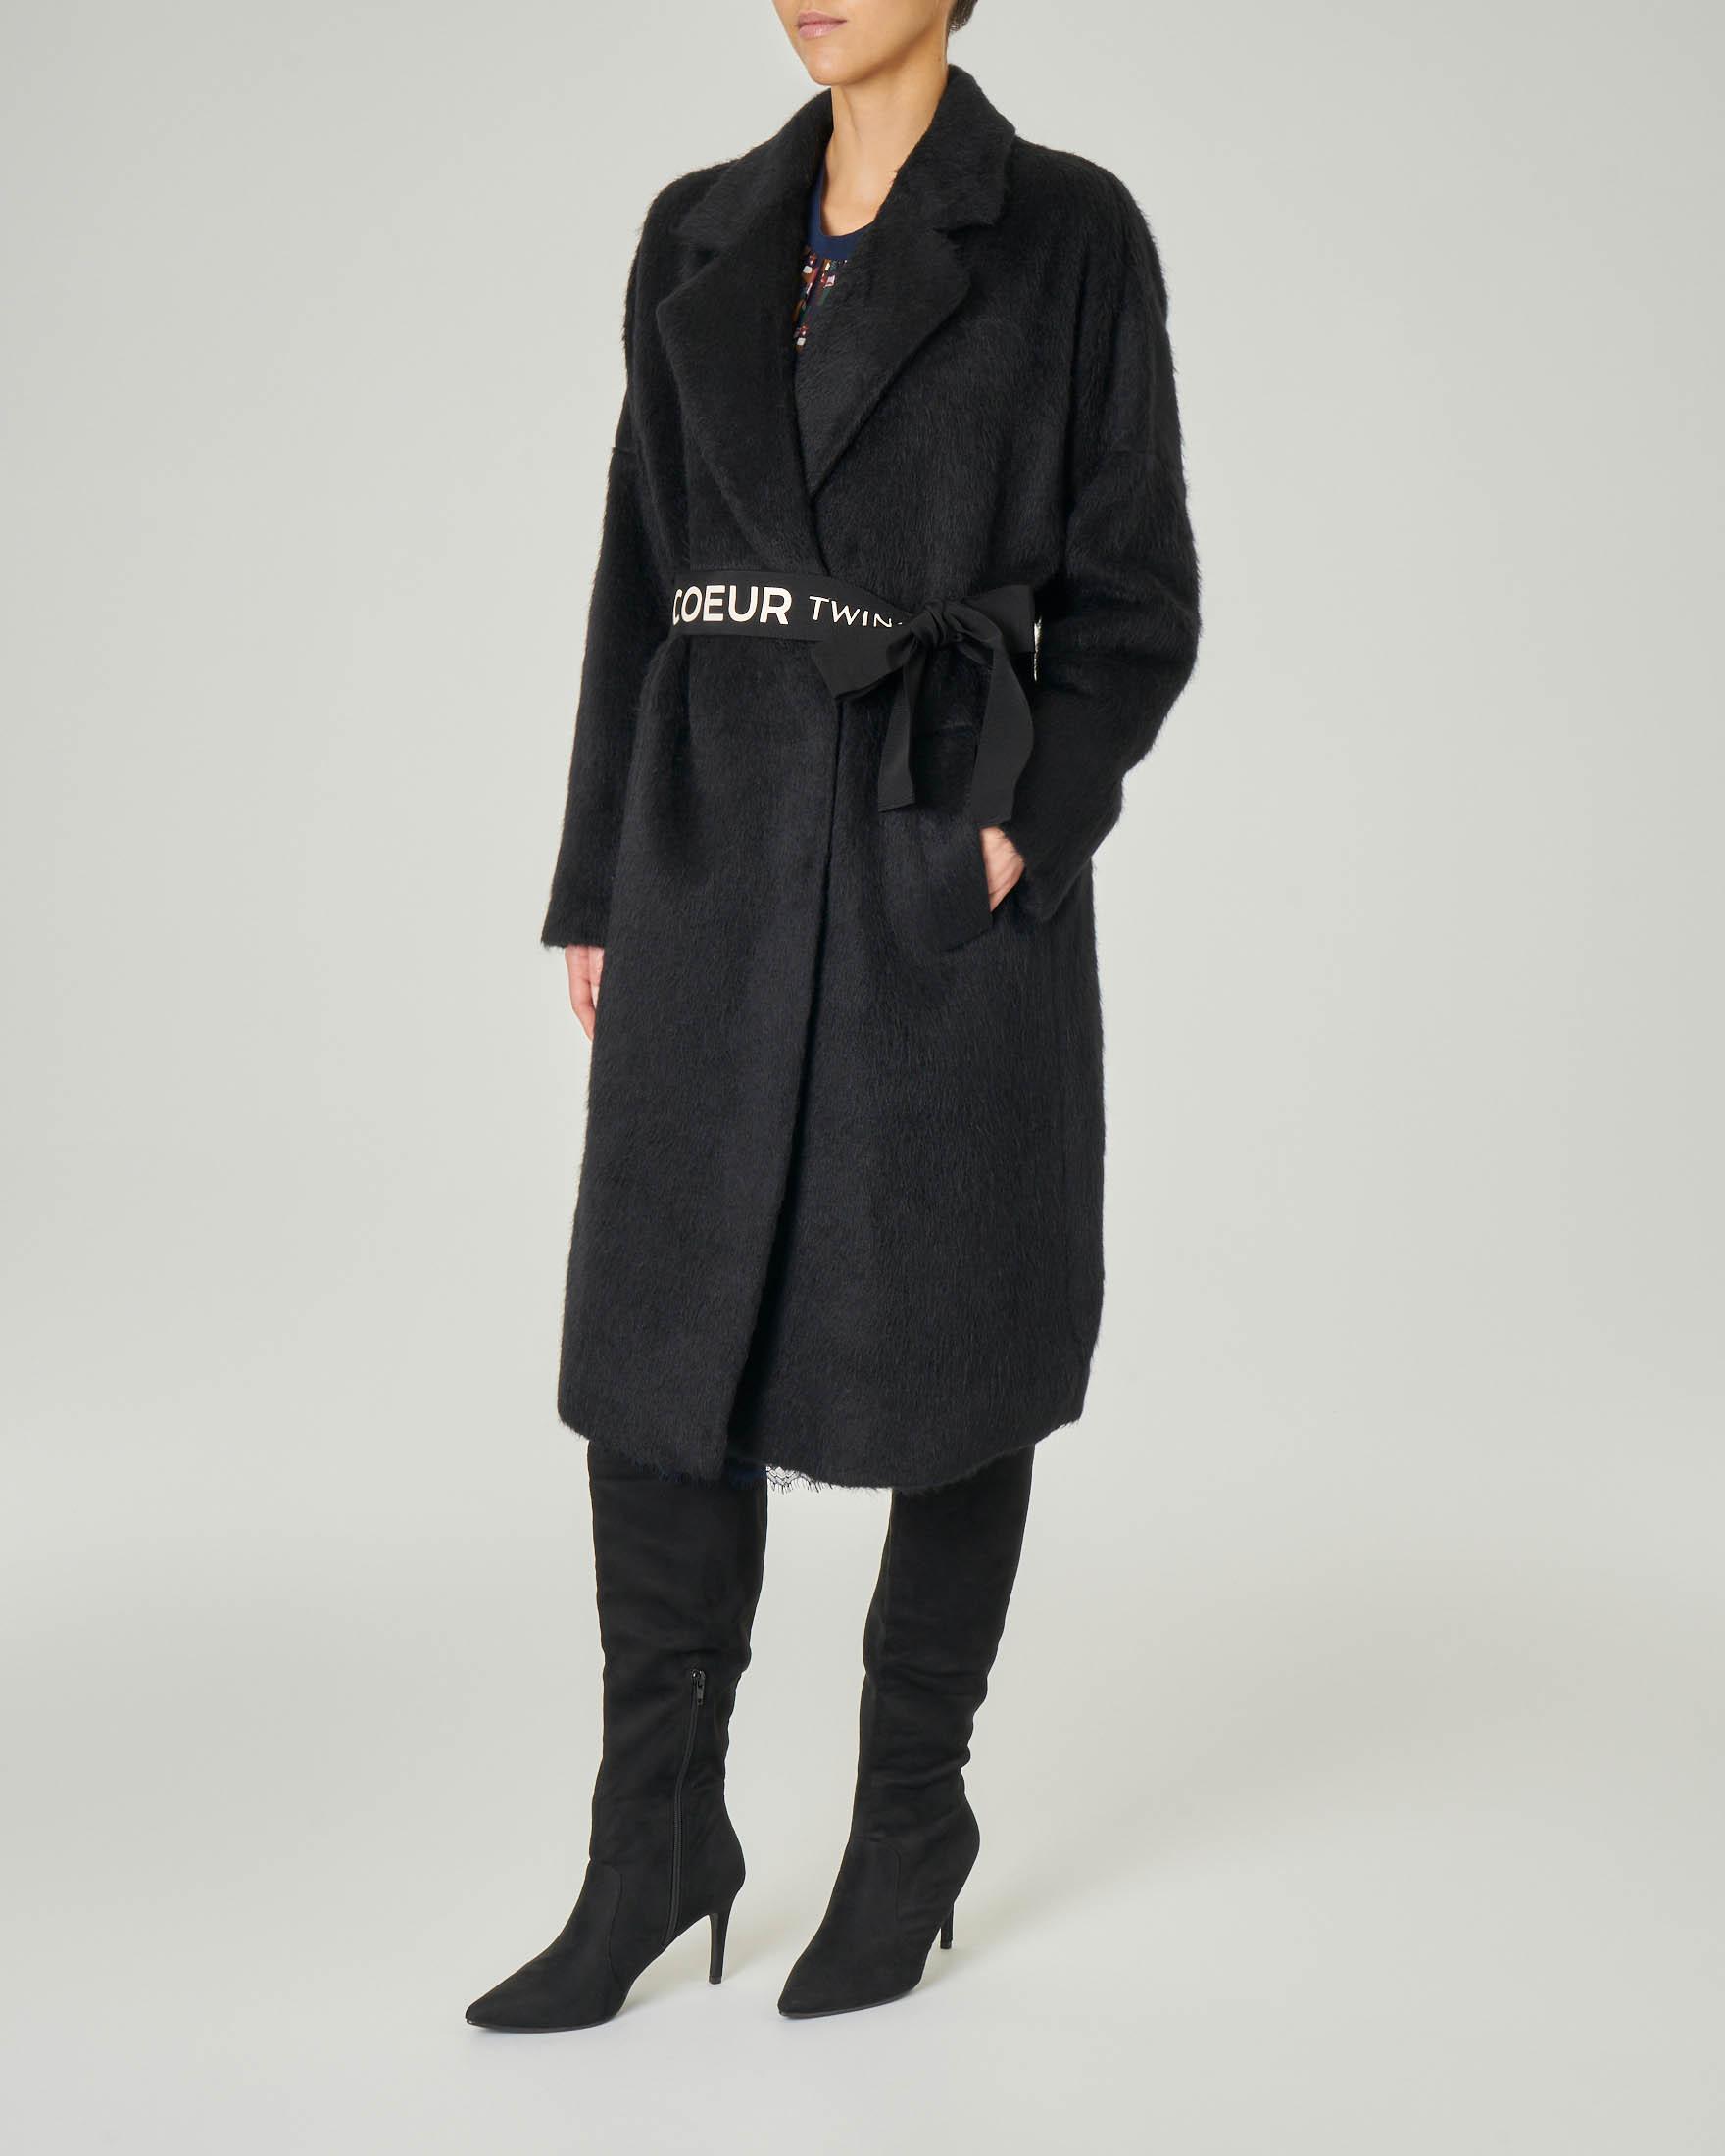 Cappotto nero doppiopetto con cintura in vita con scritta logo a contrasto